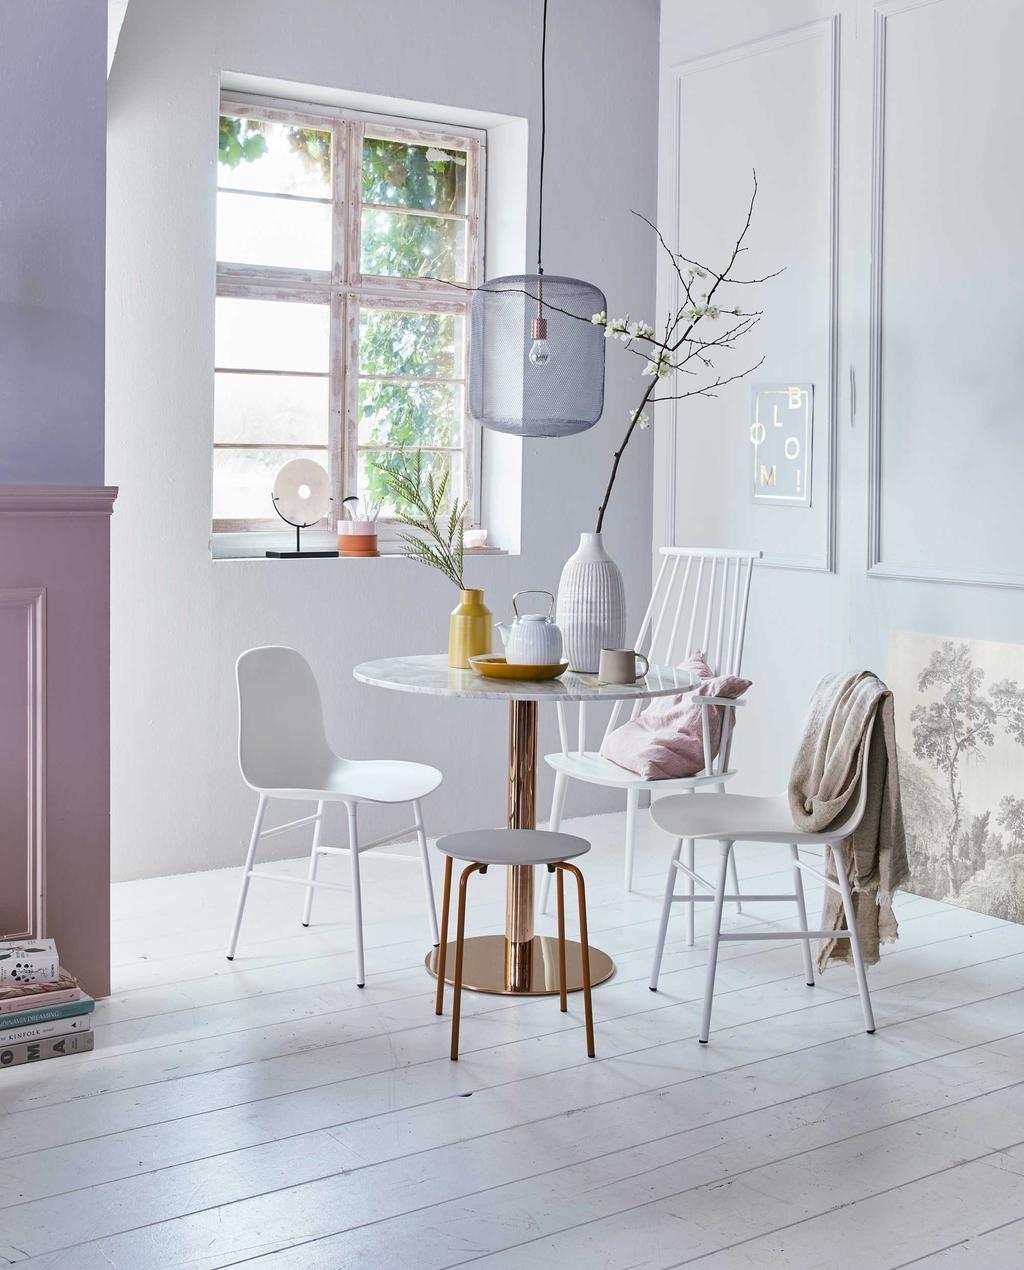 Witte, ronde tafel met stoelen in een roos met wit interieur